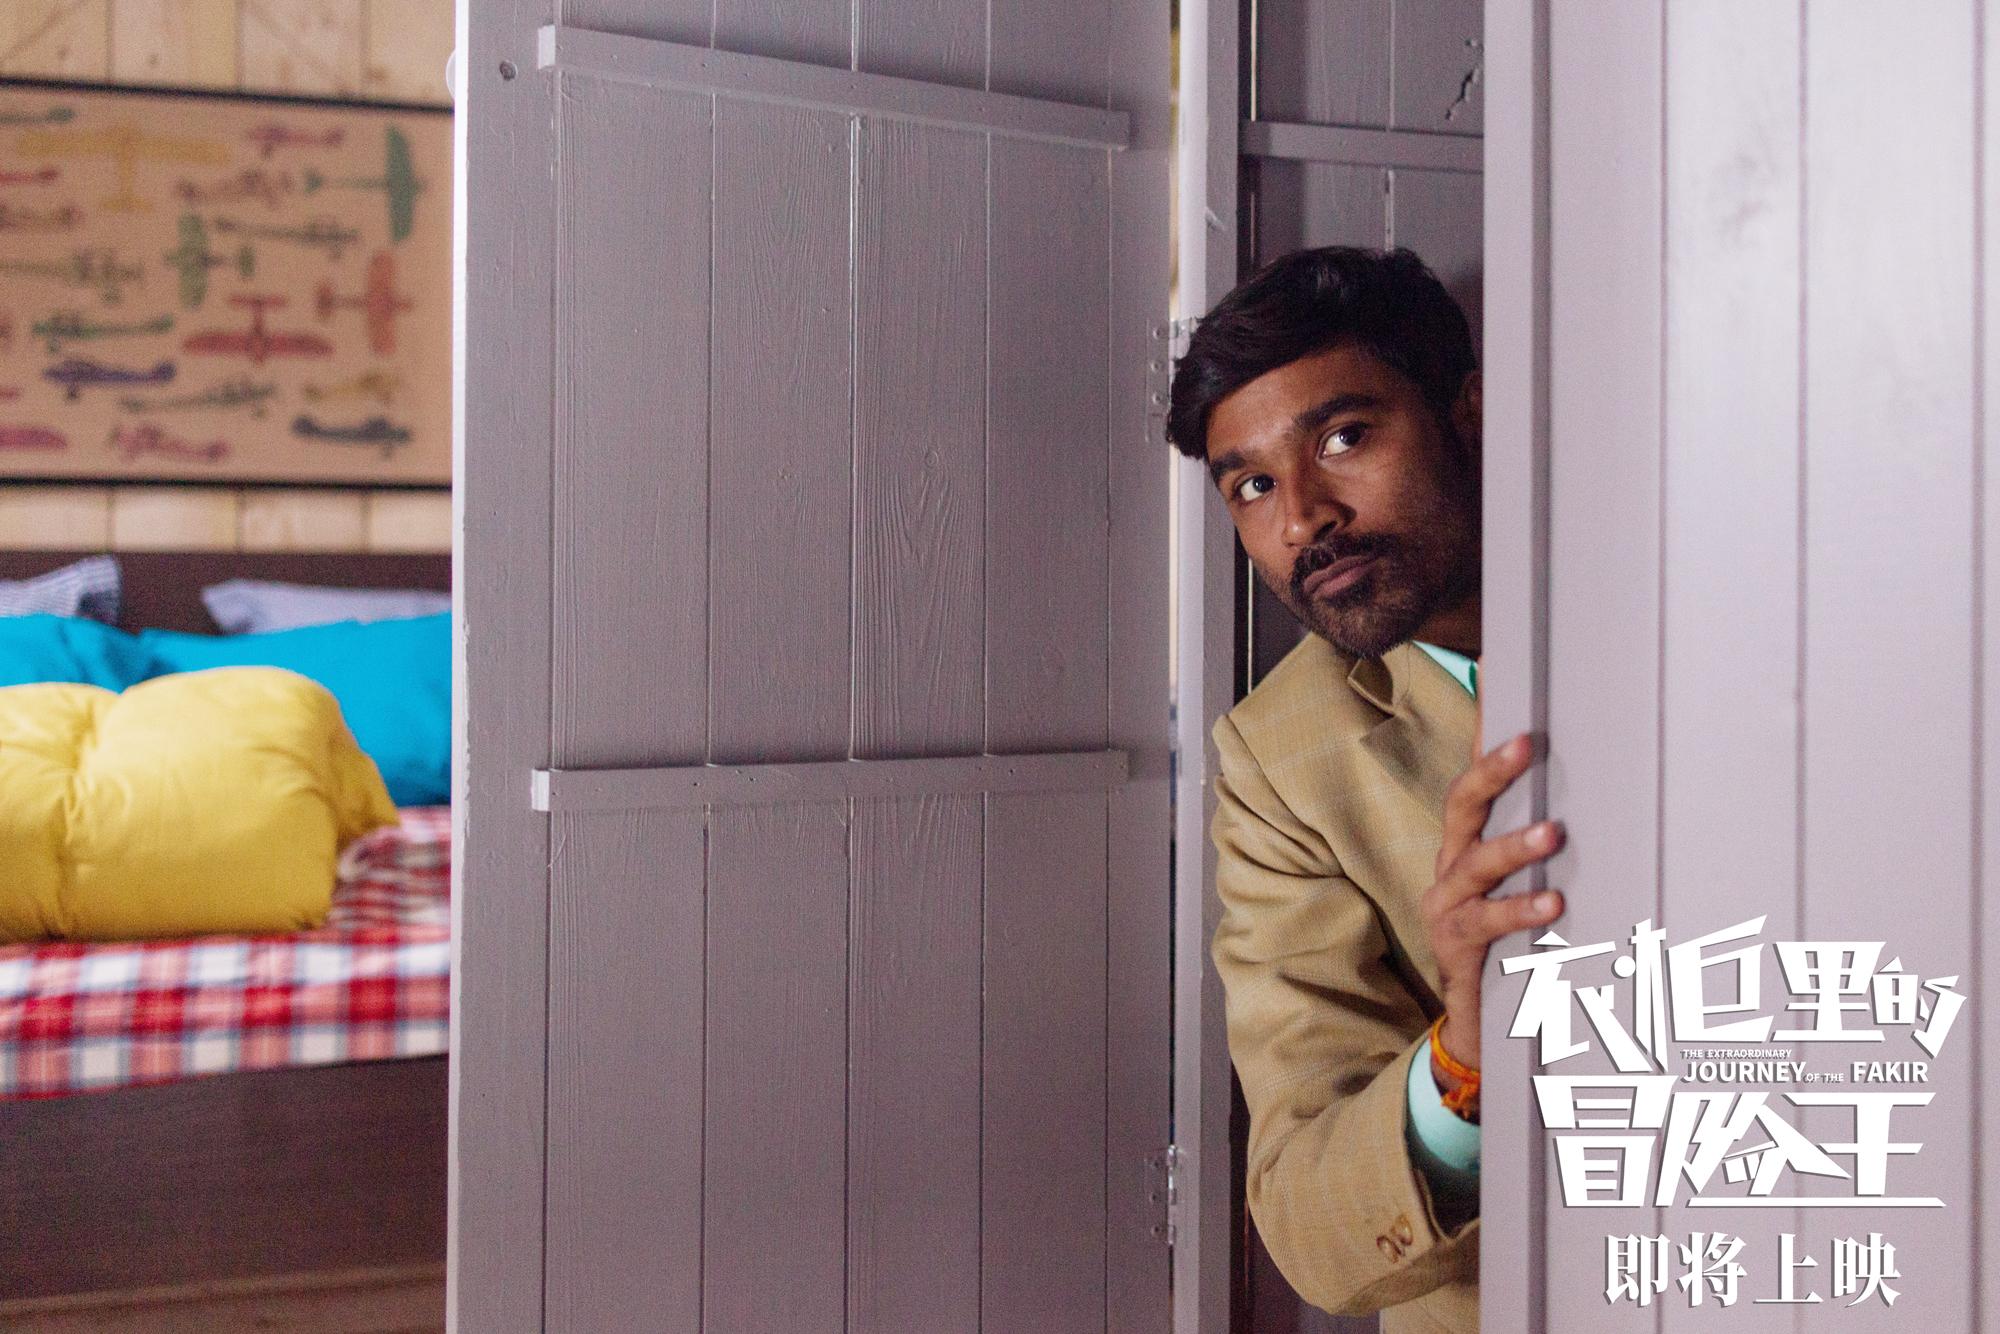 高分佳作《衣柜里的冒险王》即将公映 同步国际开启环球旅程